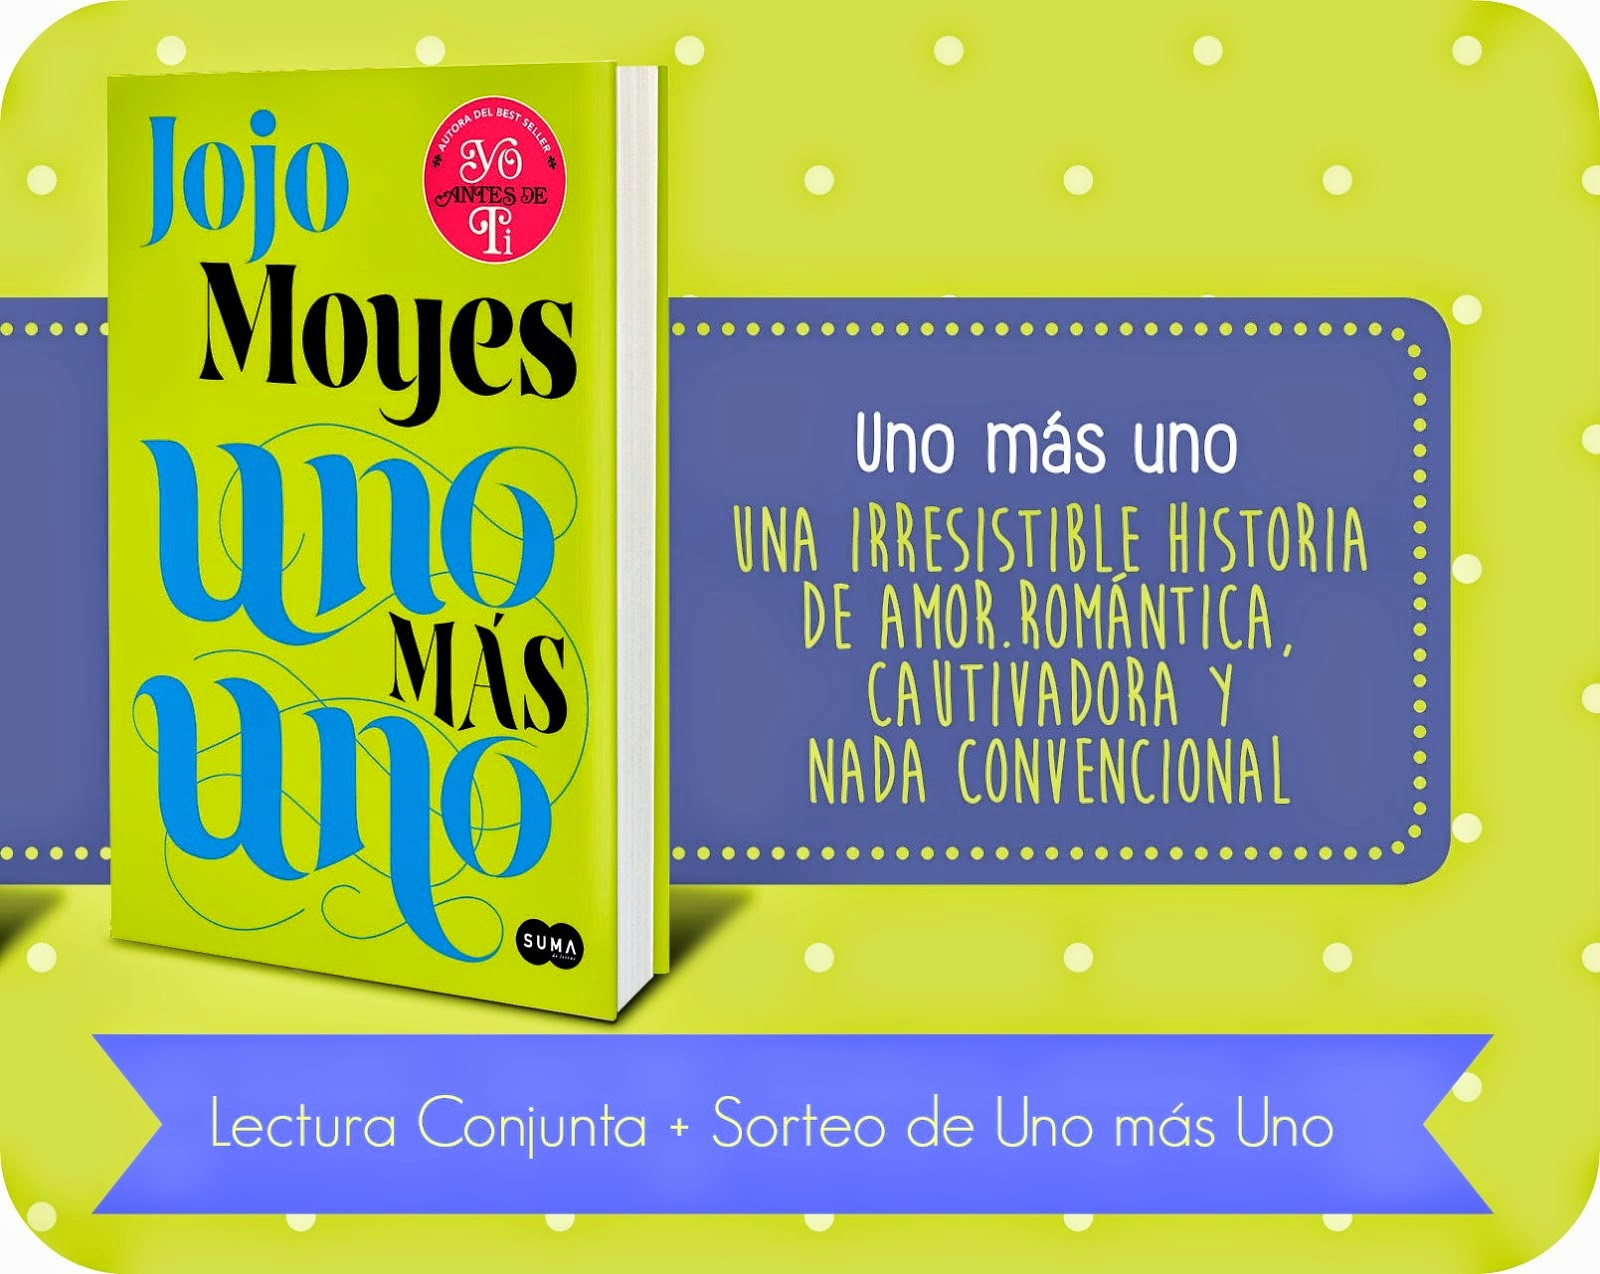 http://omeucartafoldelibros.blogspot.com.es/2015/02/lectura-conjunta-sorteo-uno-mas-uno-de.html